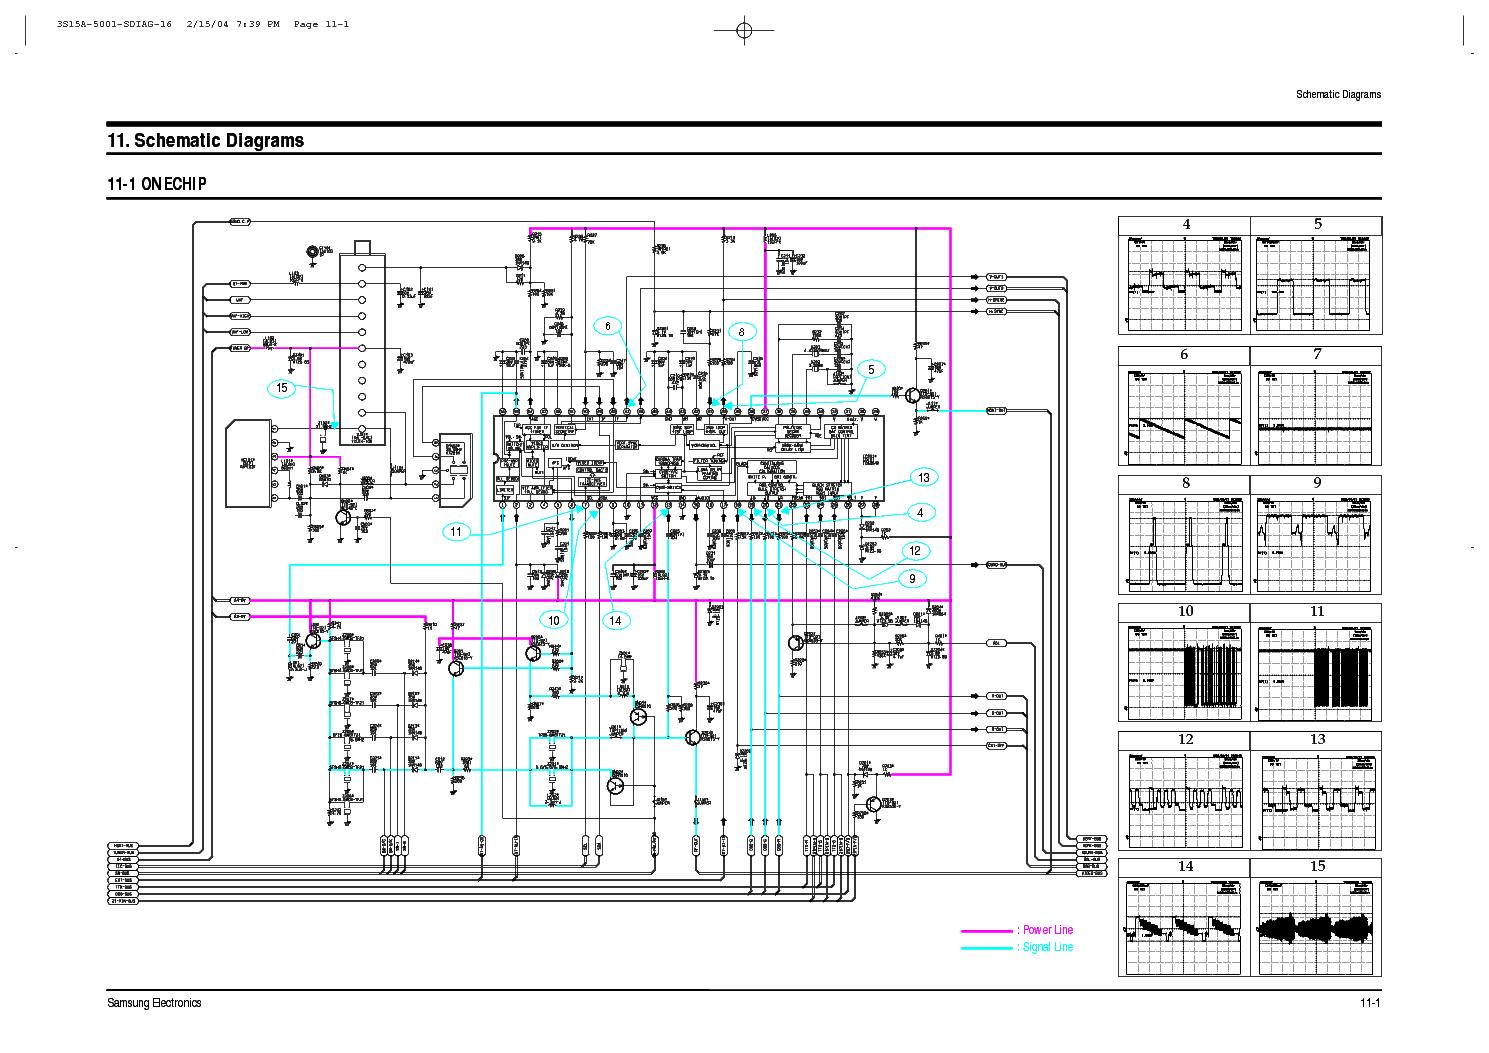 Samsung Tv Parts Diagram Plasma Schematic Get Free Image About Wiring Uexxes6xxx Training Service Manual Download Schematics Rh Elektrotanya Com Dlp